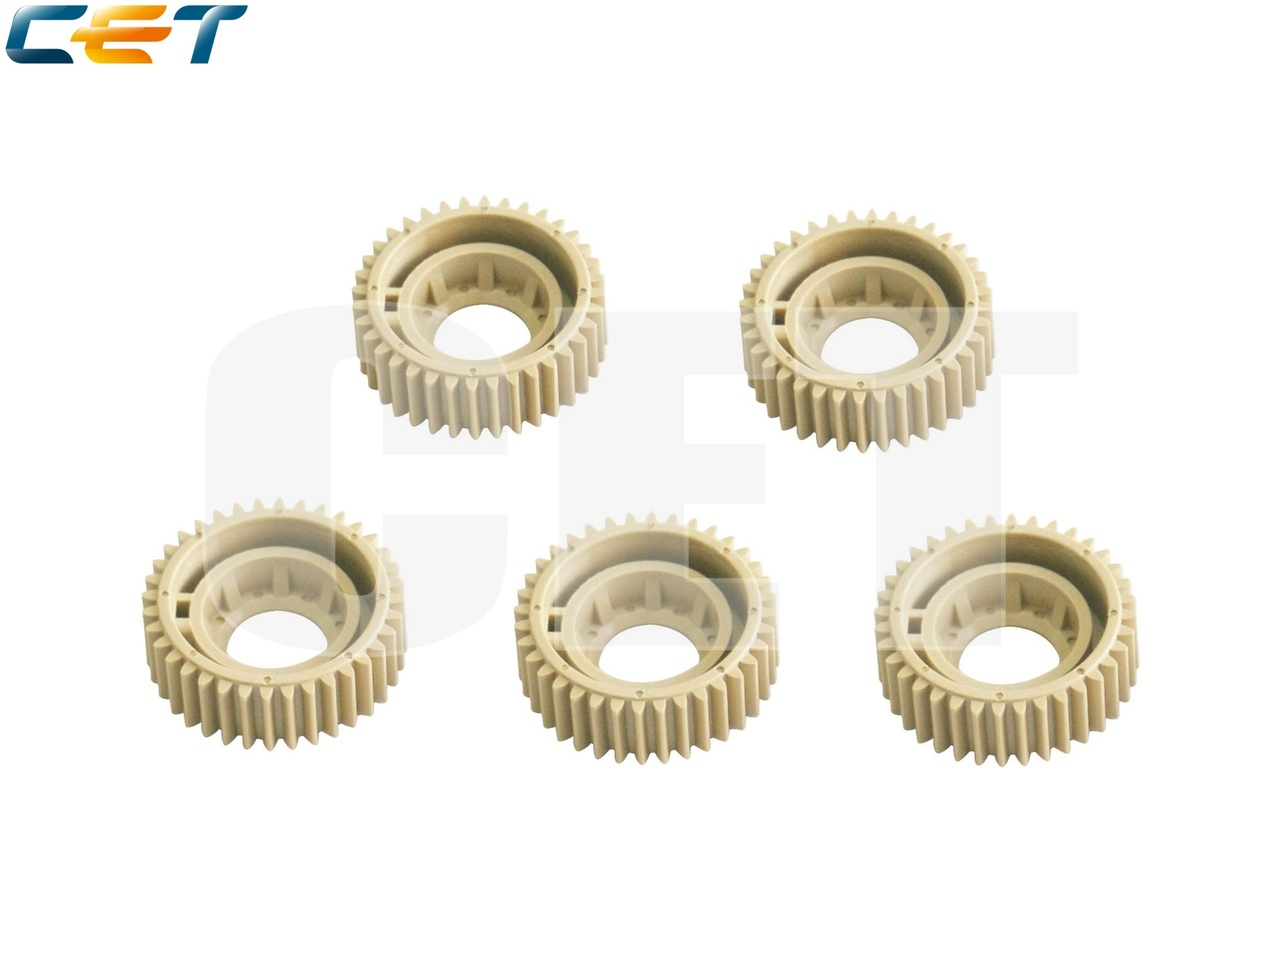 Шестерня привода тефлонового вала 36T 2HS25260 дляKYOCERA FS-1028/1128MFP/1100 (CET), CET8084, CET8084R